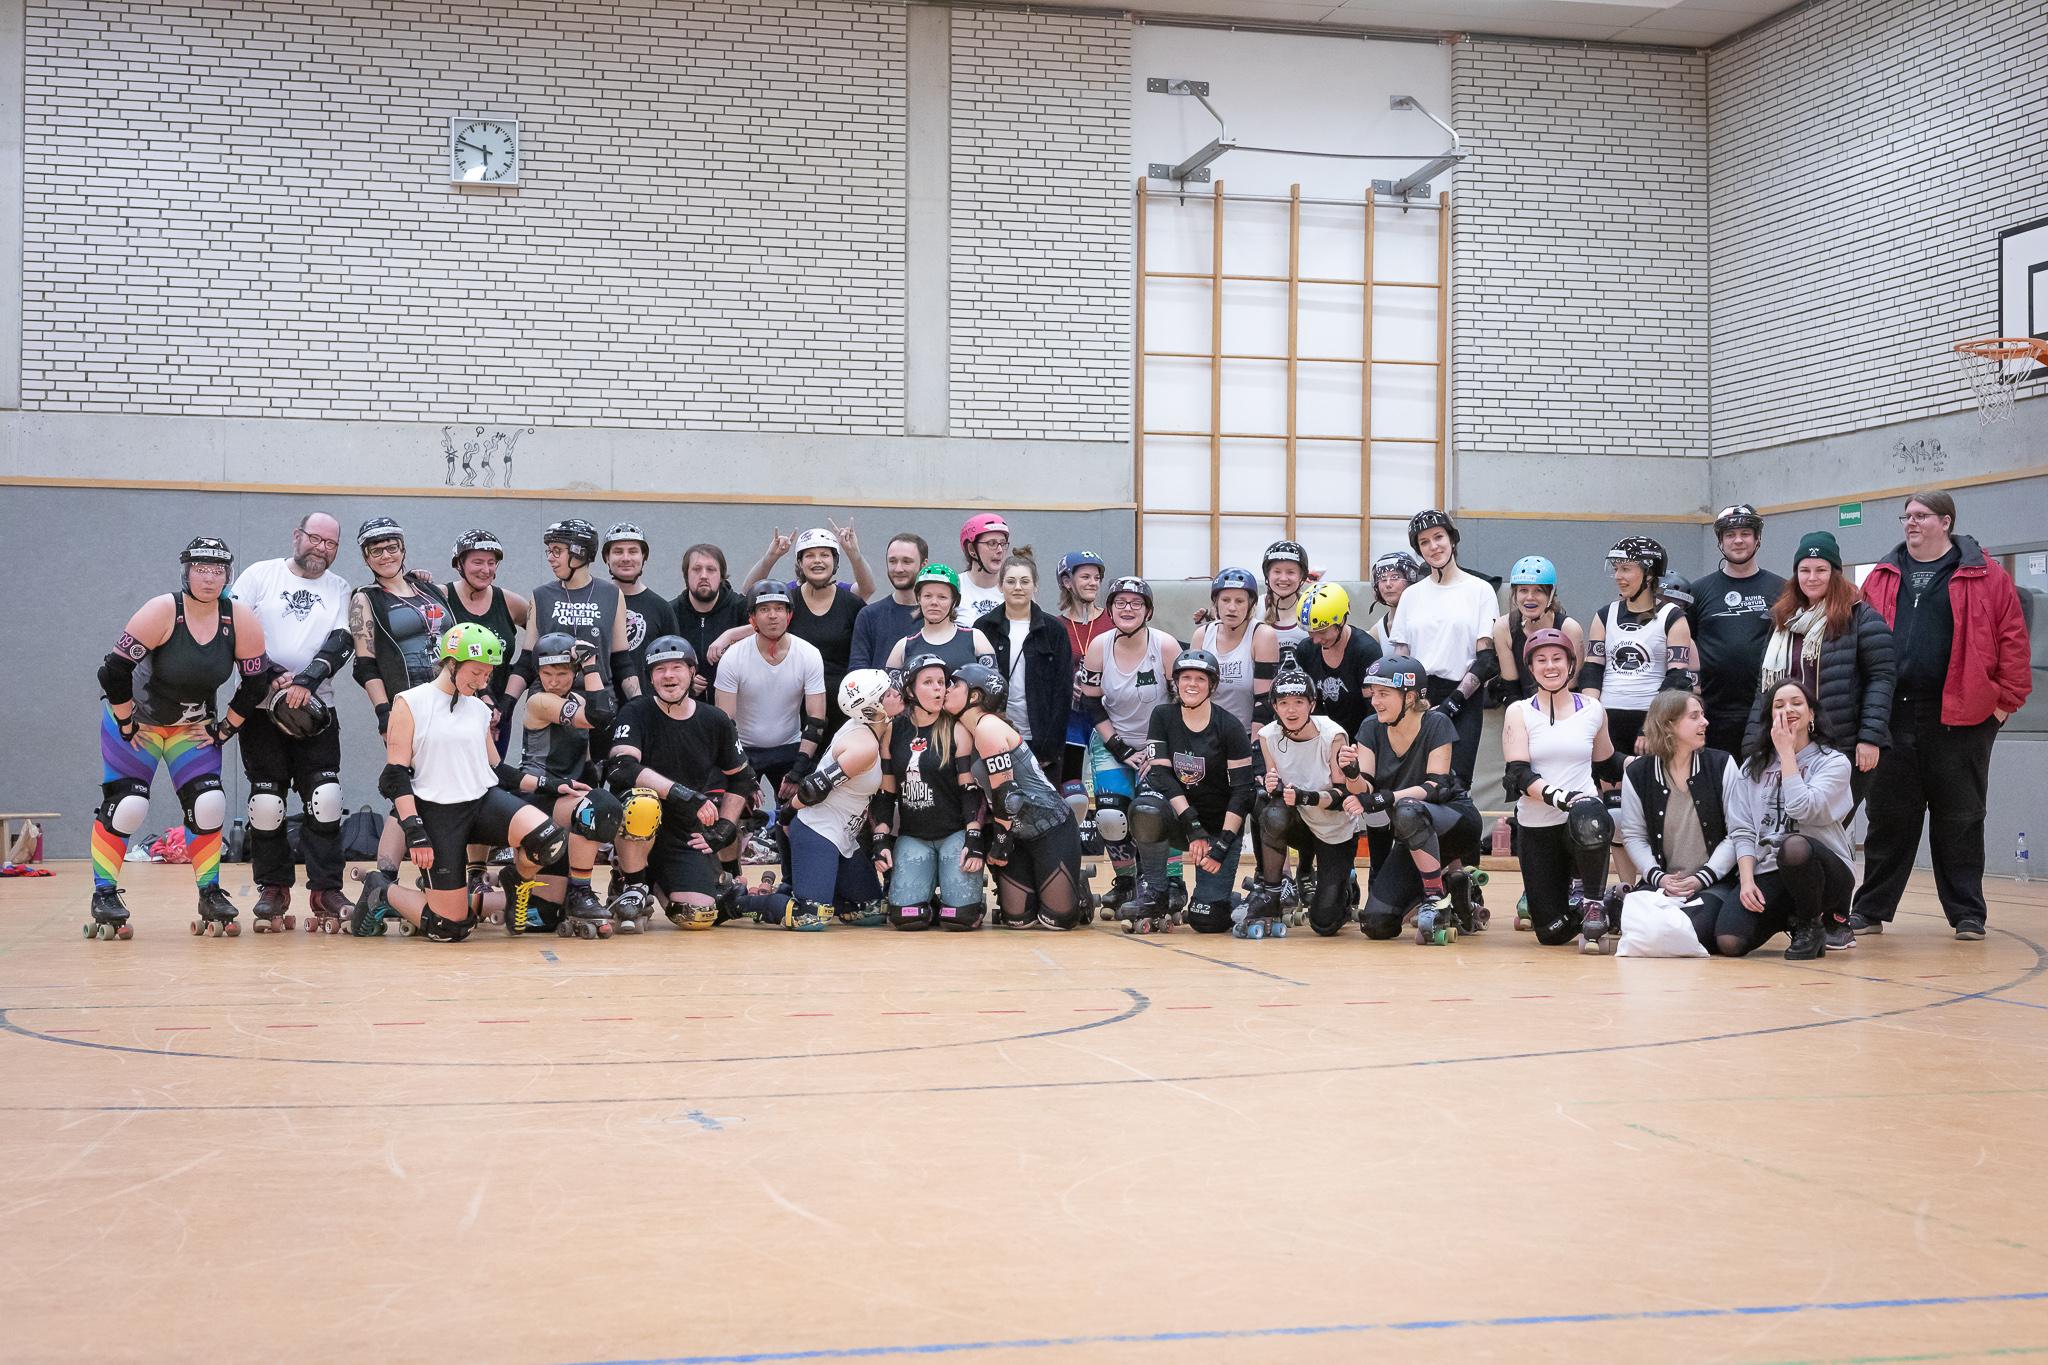 Gruppenbild Team NRW - Weihnachtstraining 2019